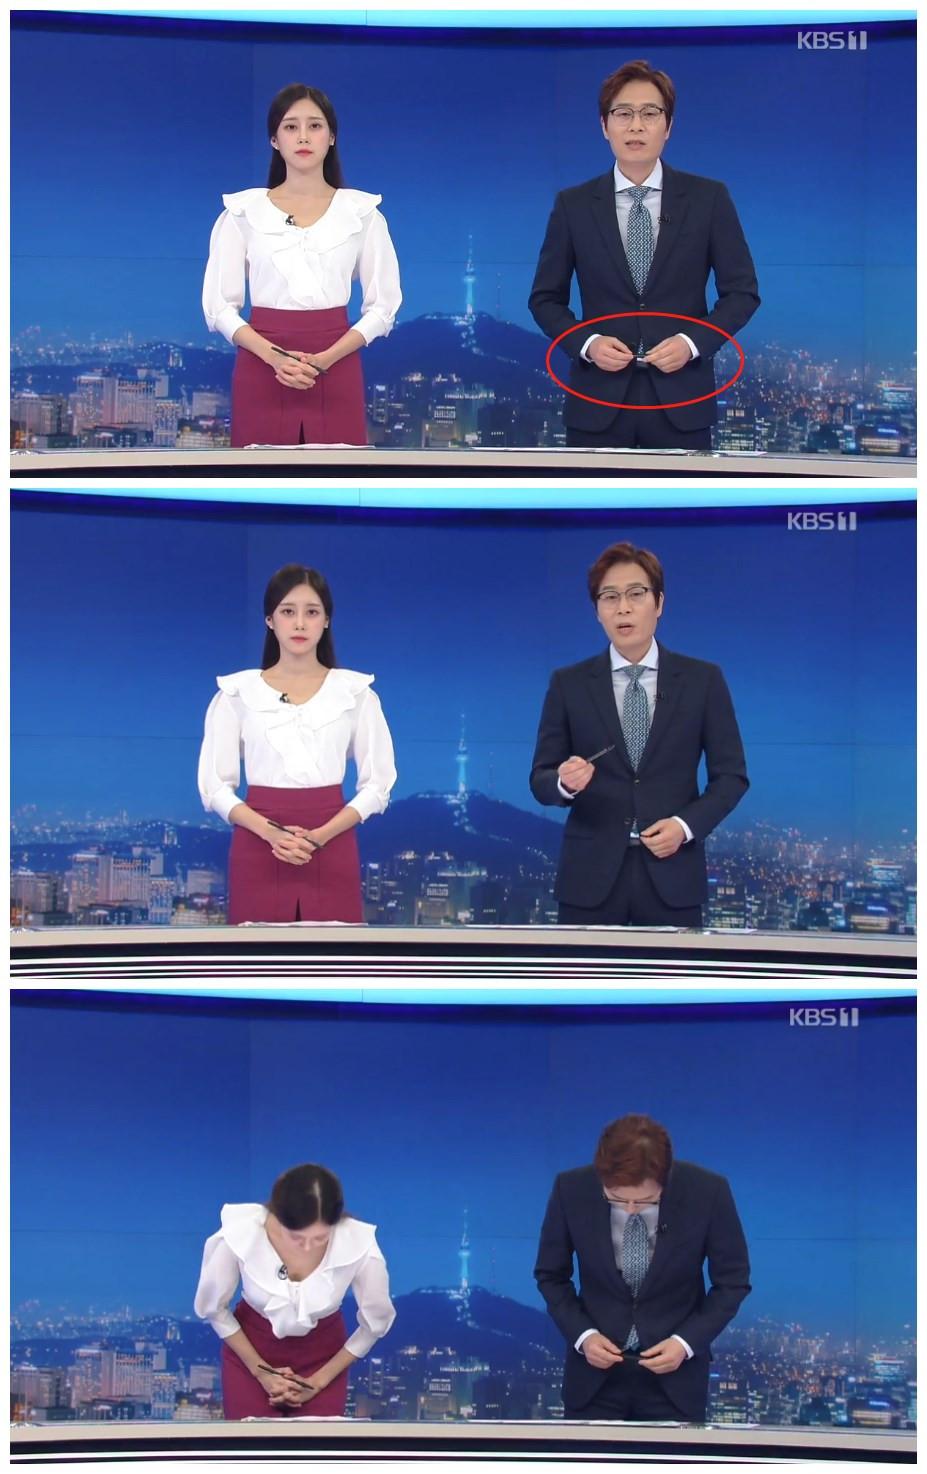 观众质疑是日本笔 韩国主持人直播时澄清:是国产